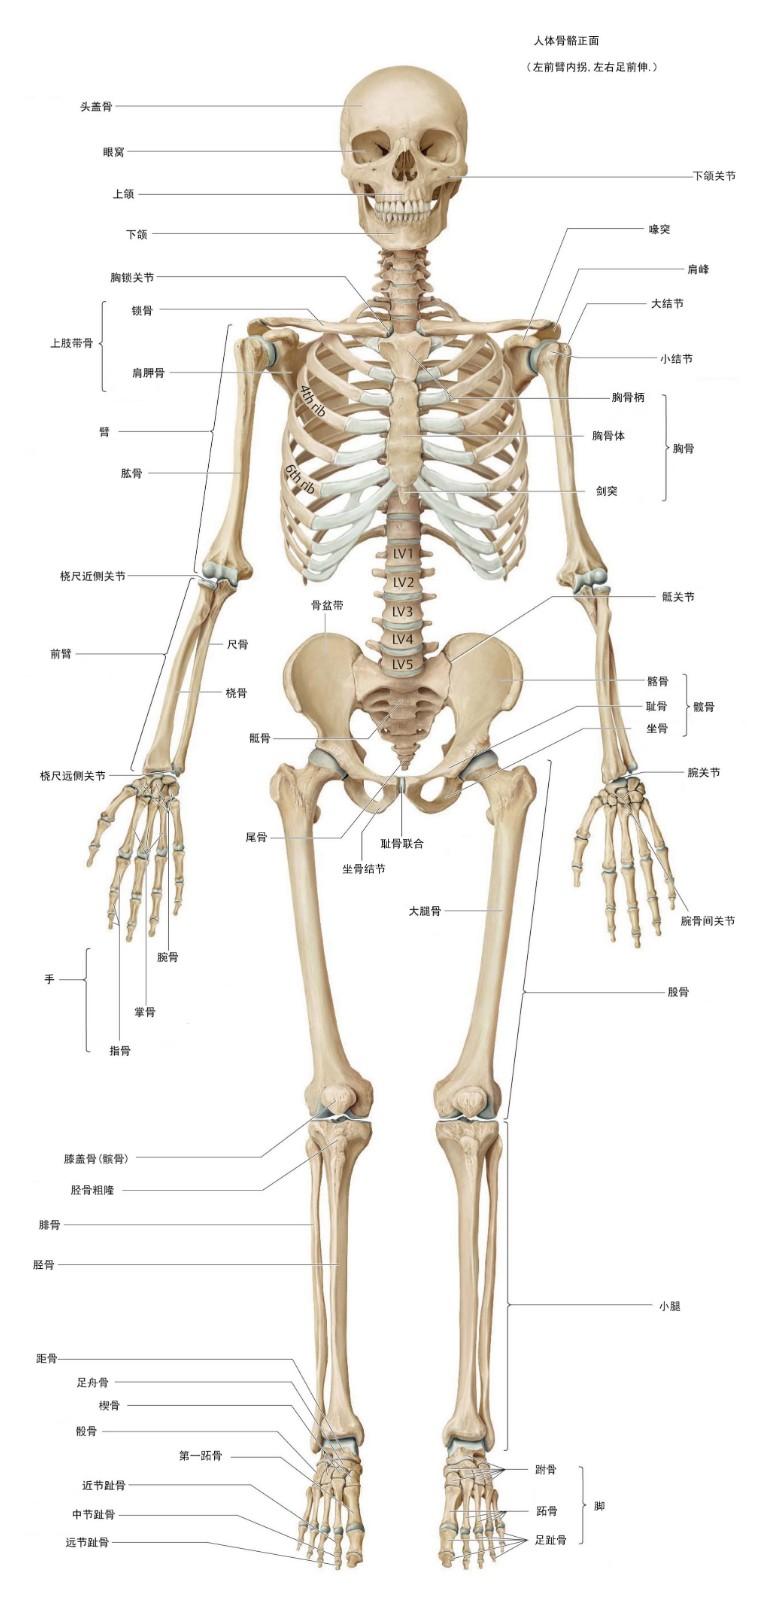 中年男性人体骨骼正面图